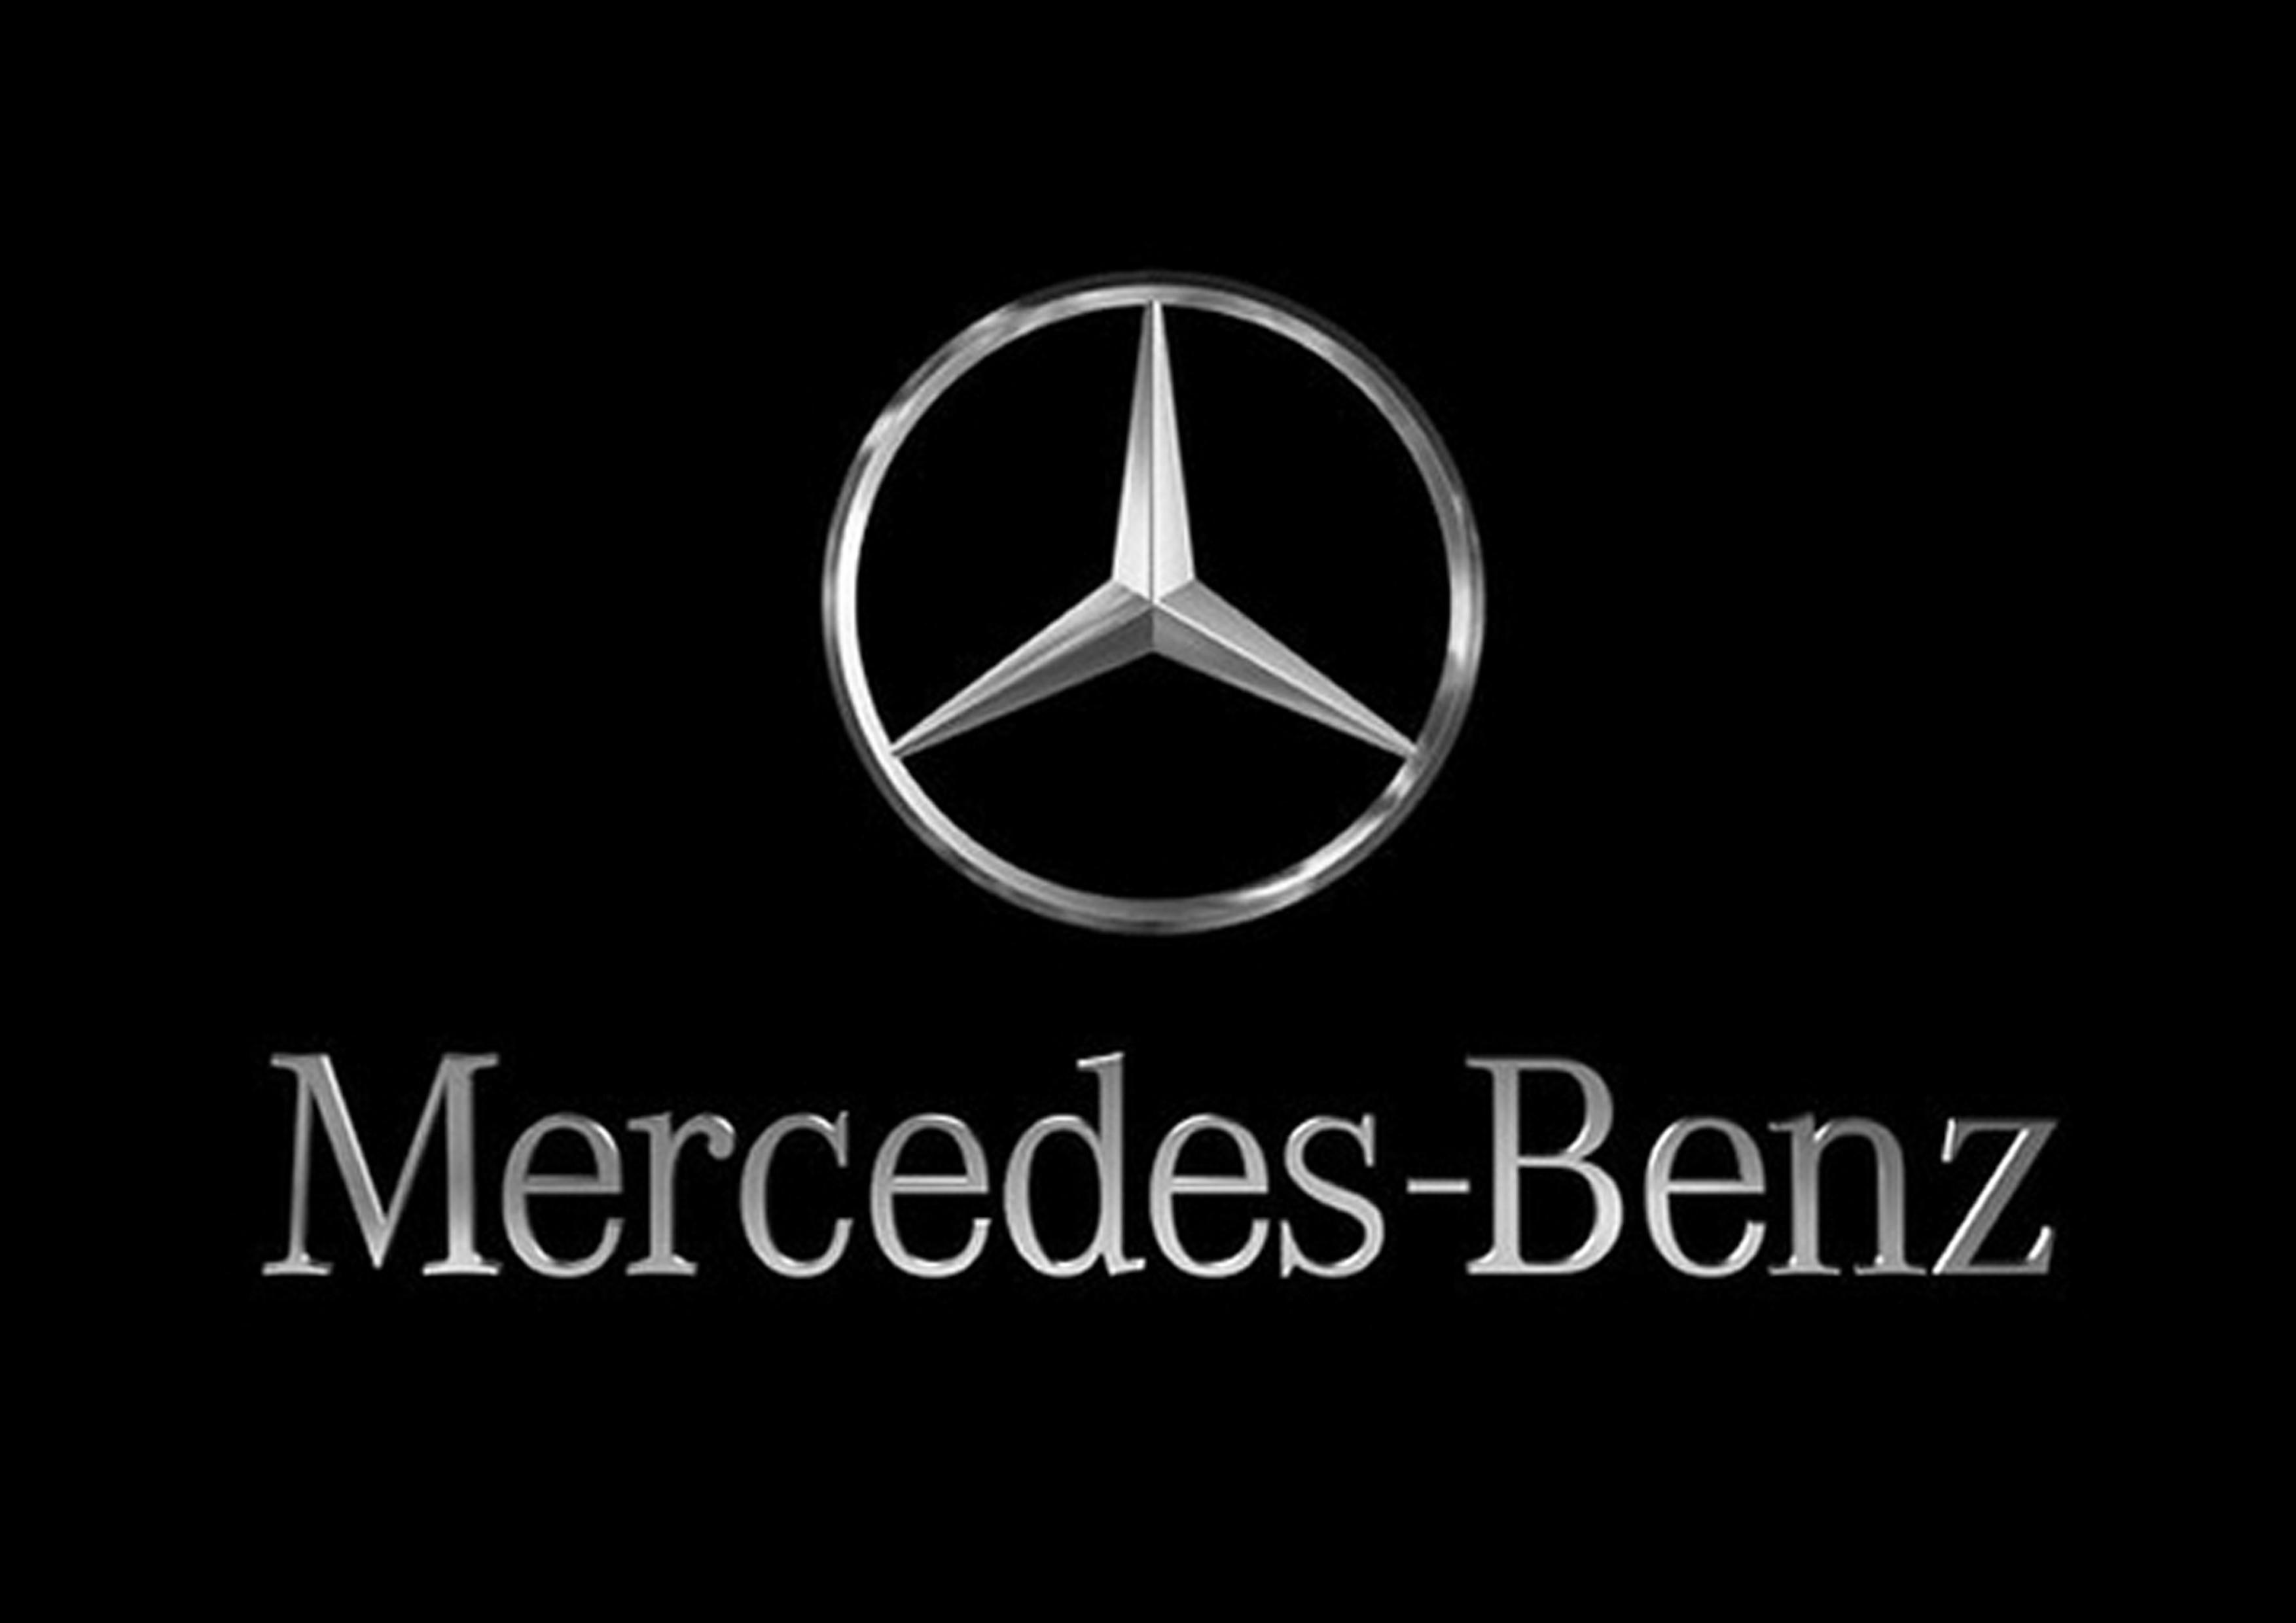 logo mercedes benz download wallpaper